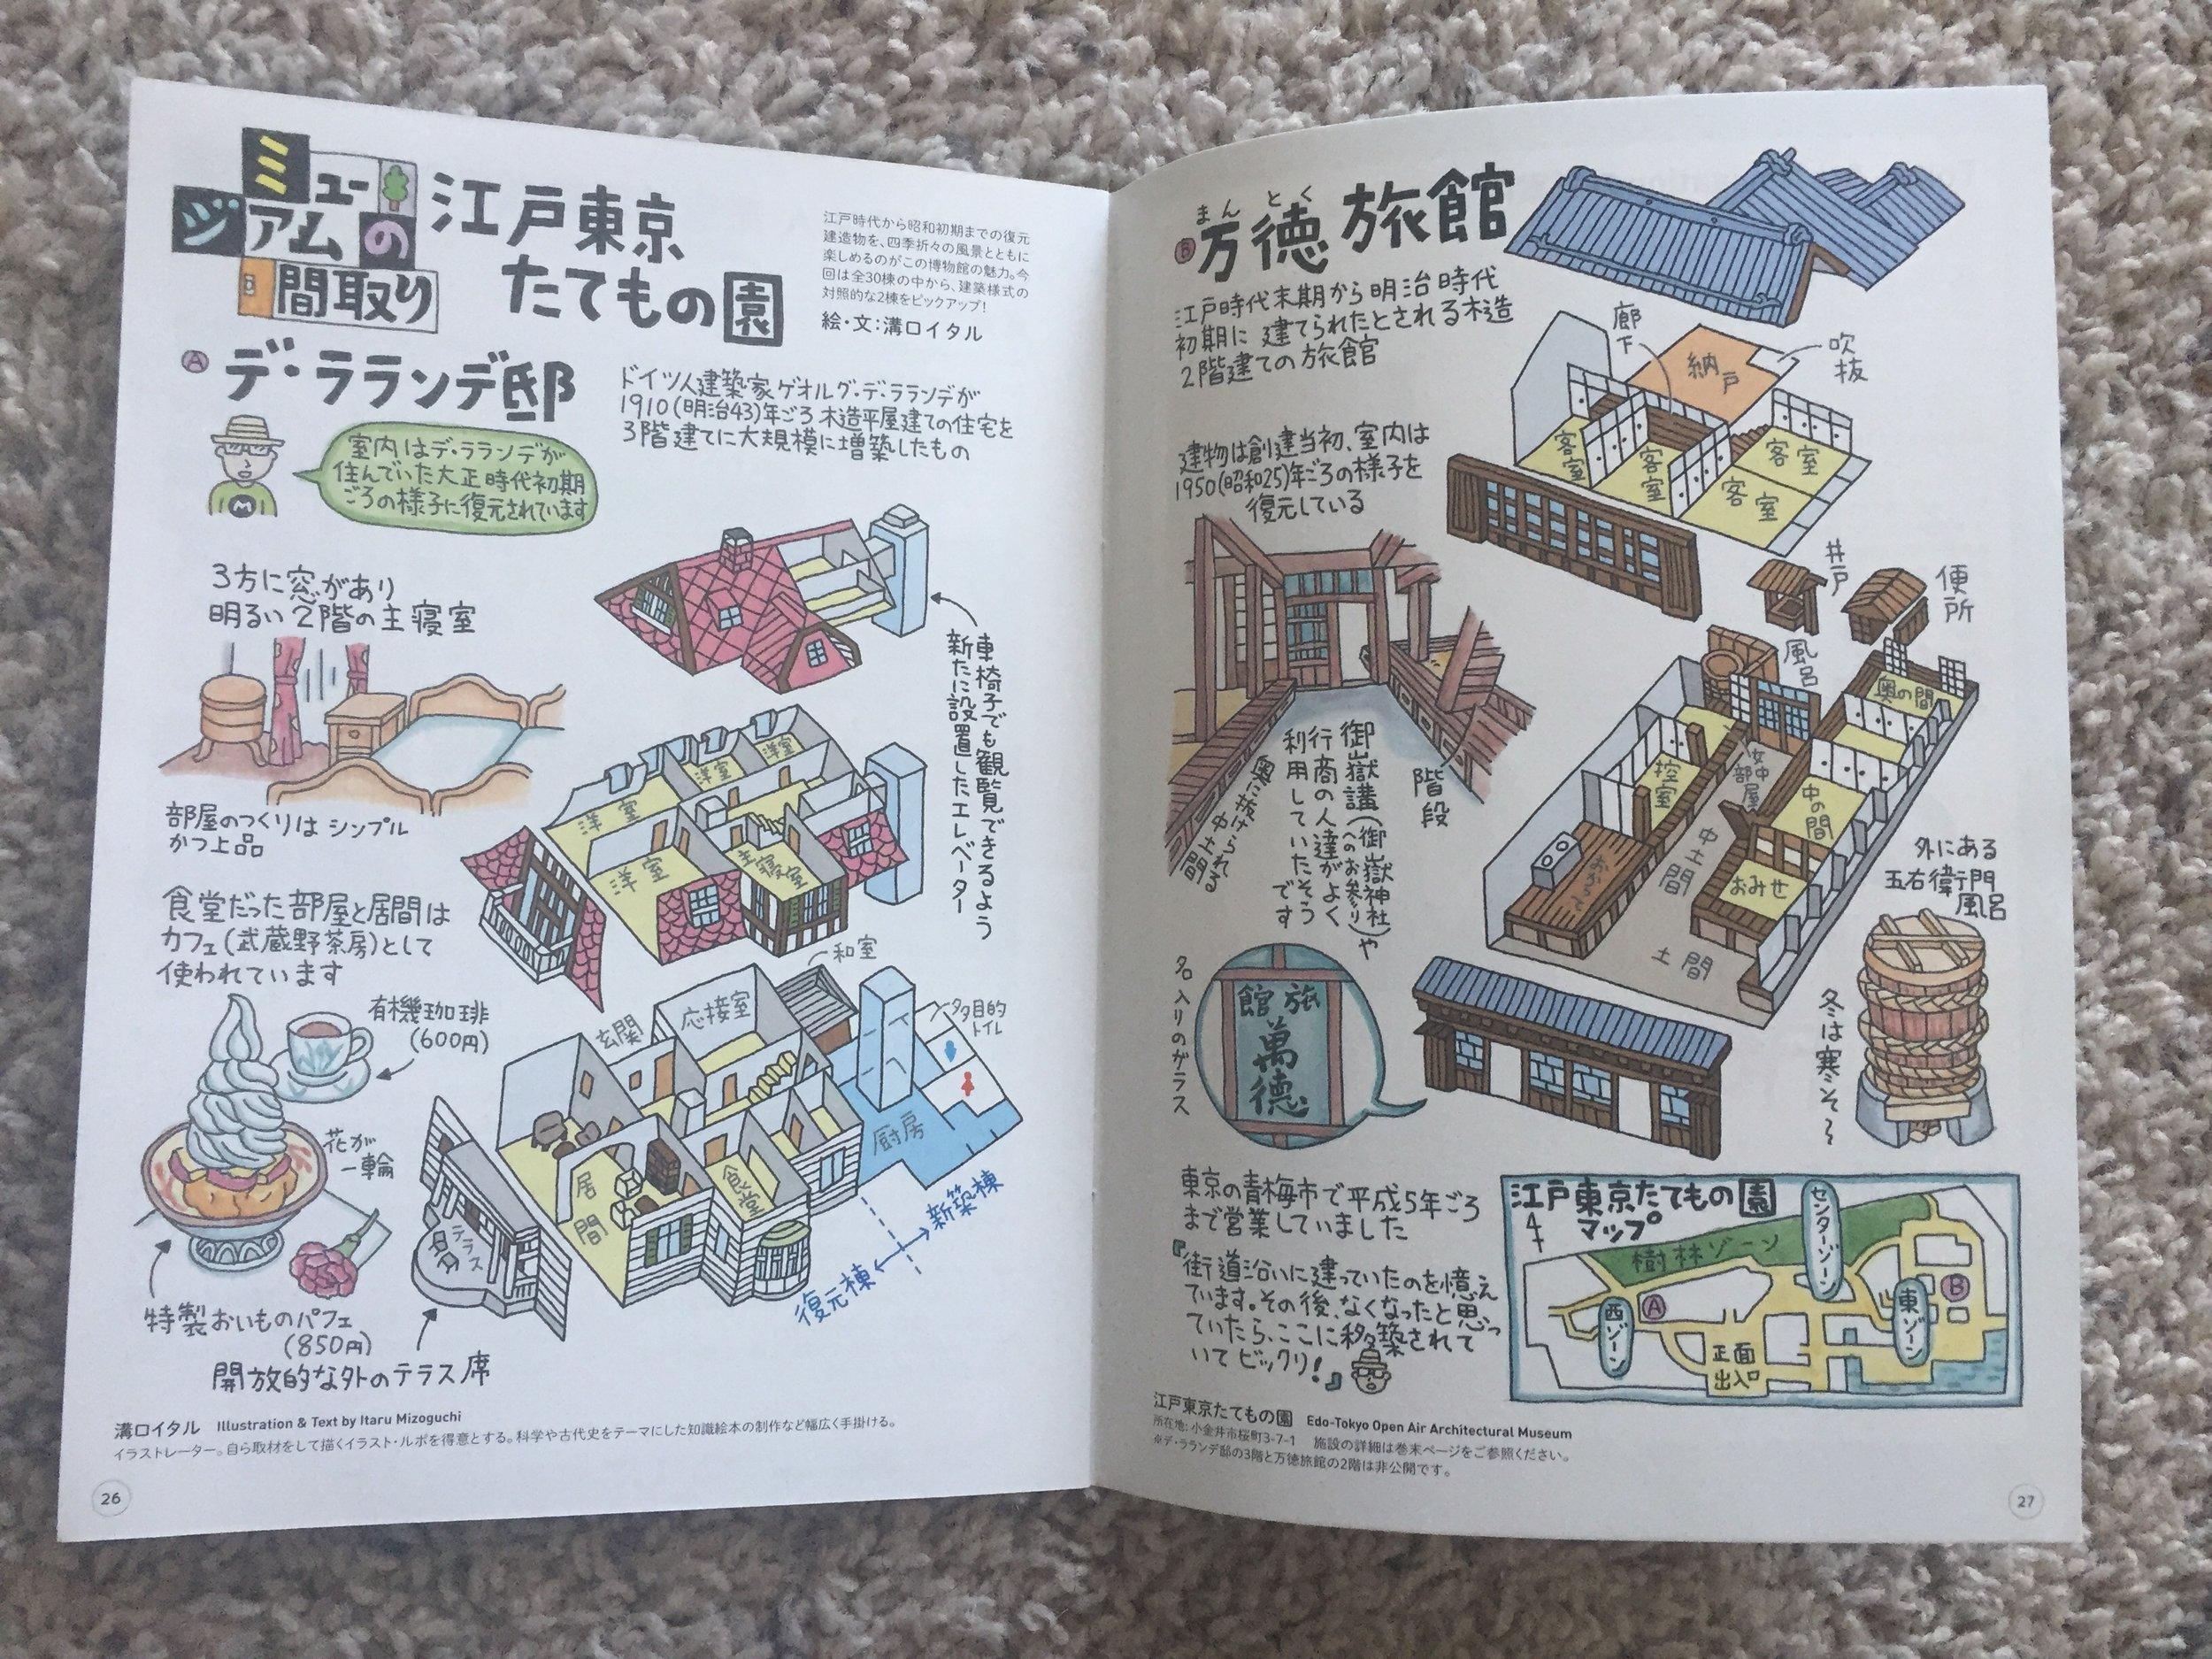 Inside fun map